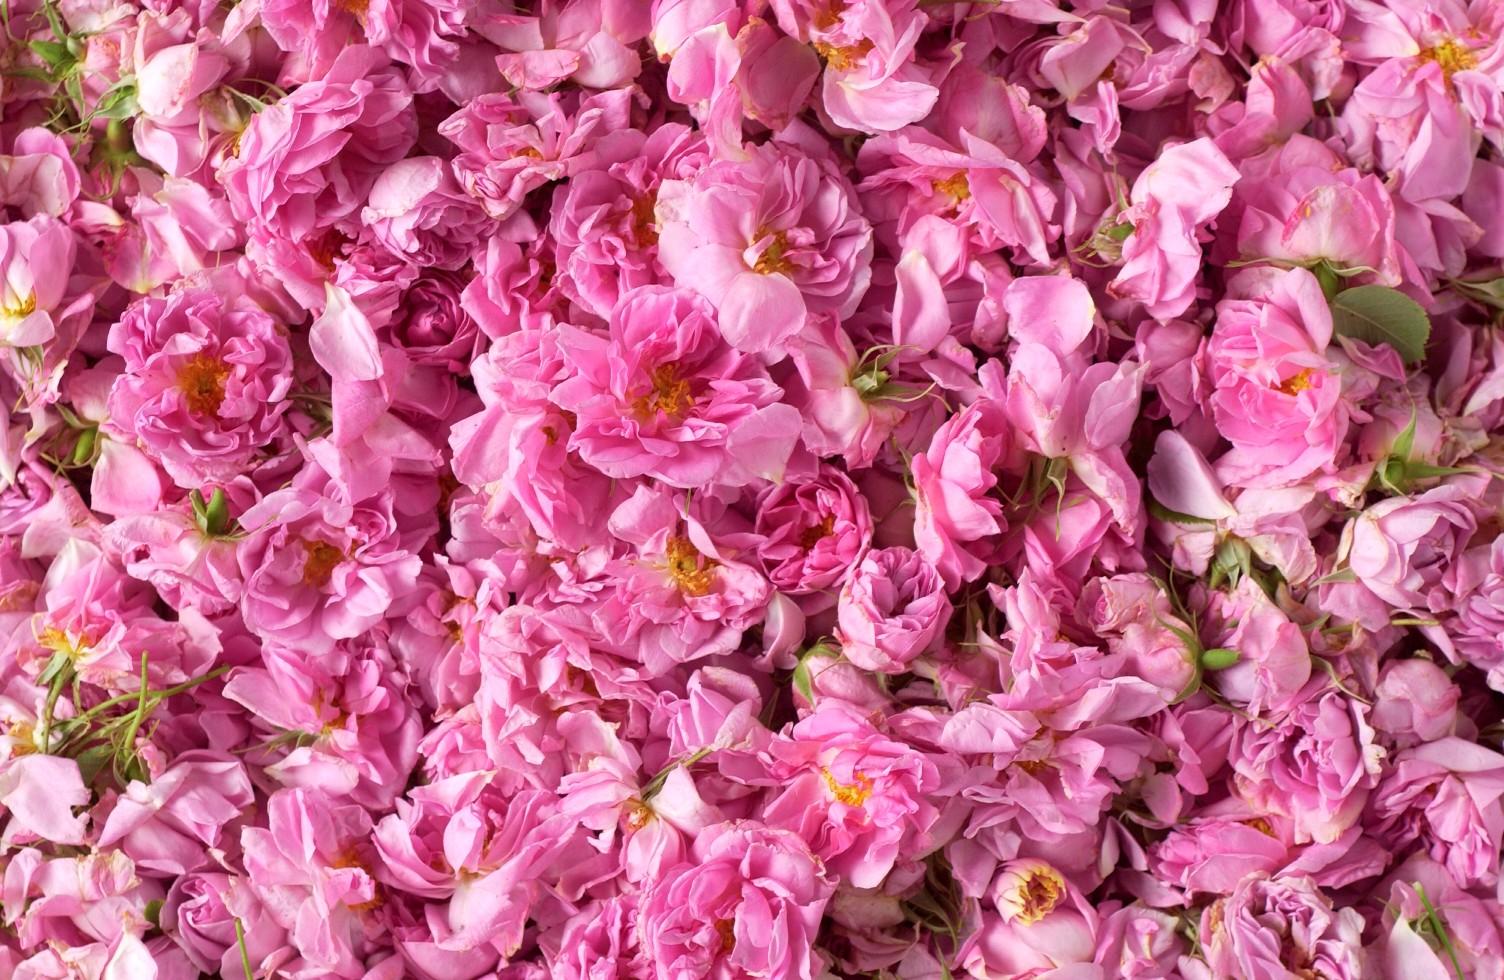 Gül Yaprağı Güzellik Faydaları ve Kullanım Alanları